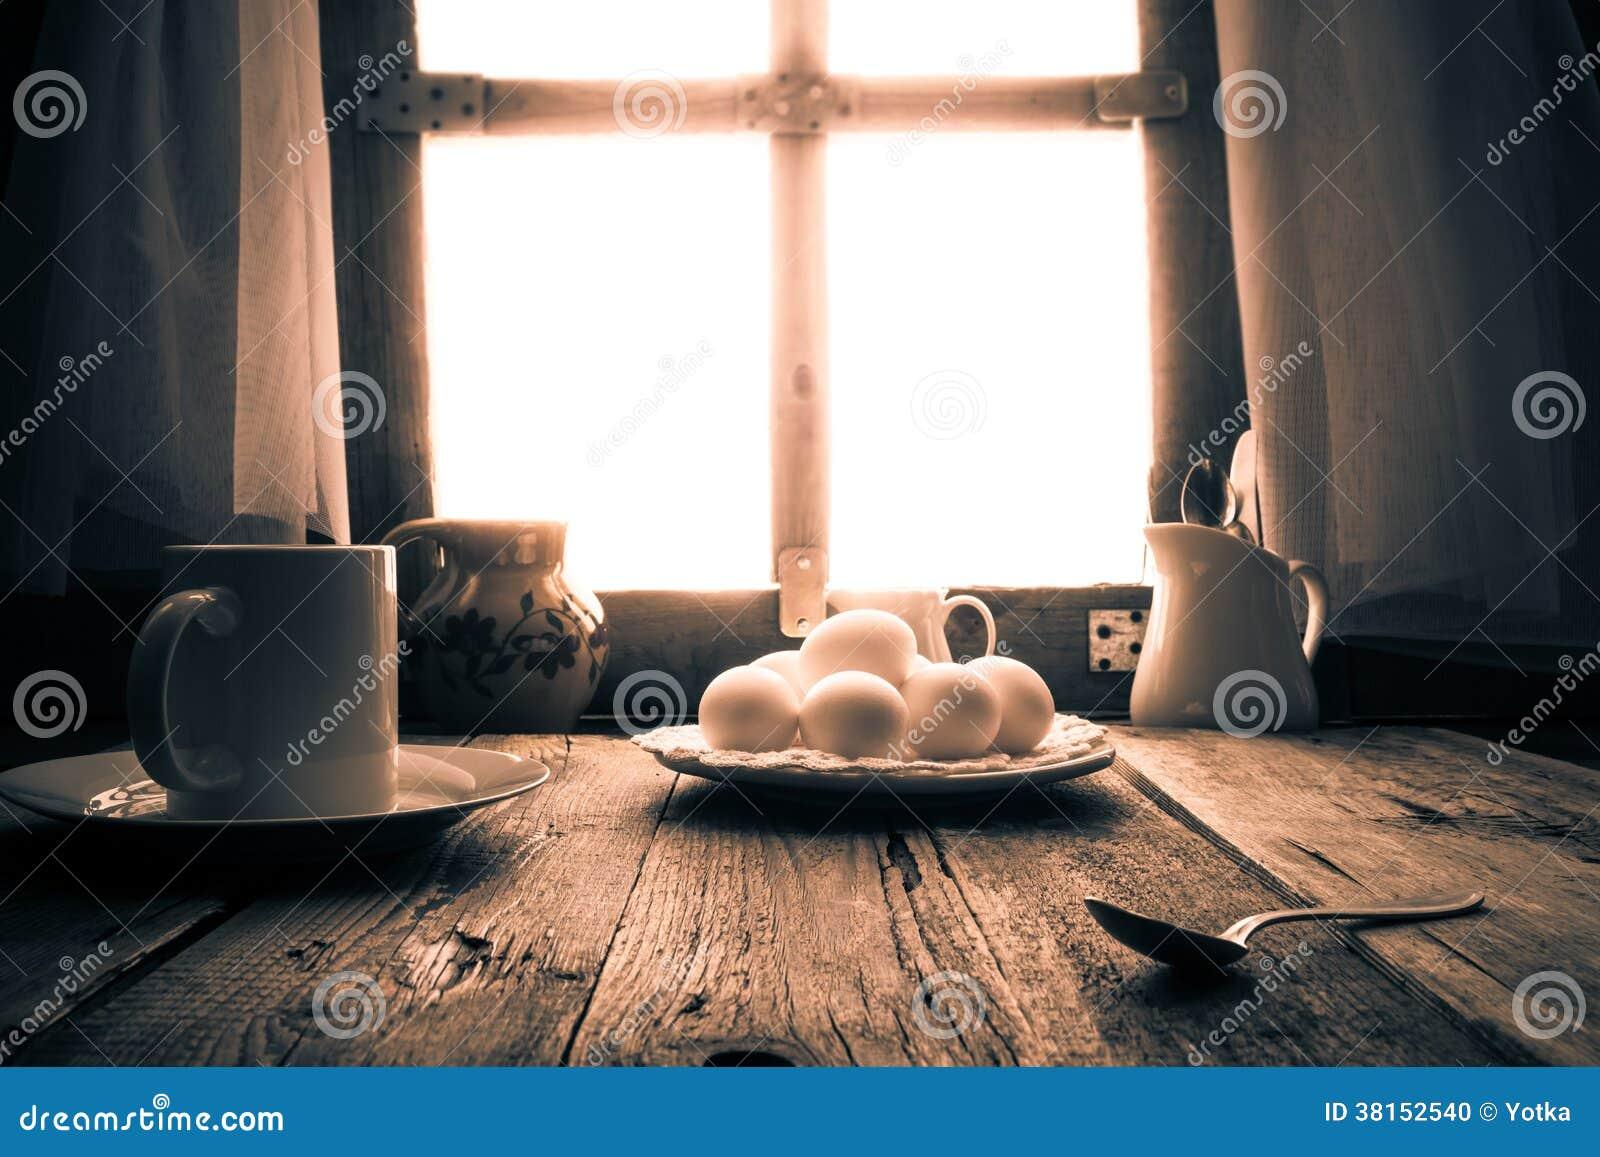 Tavolo Vecchio Da Cucina ~ Idee Creative di Interni e Mobili